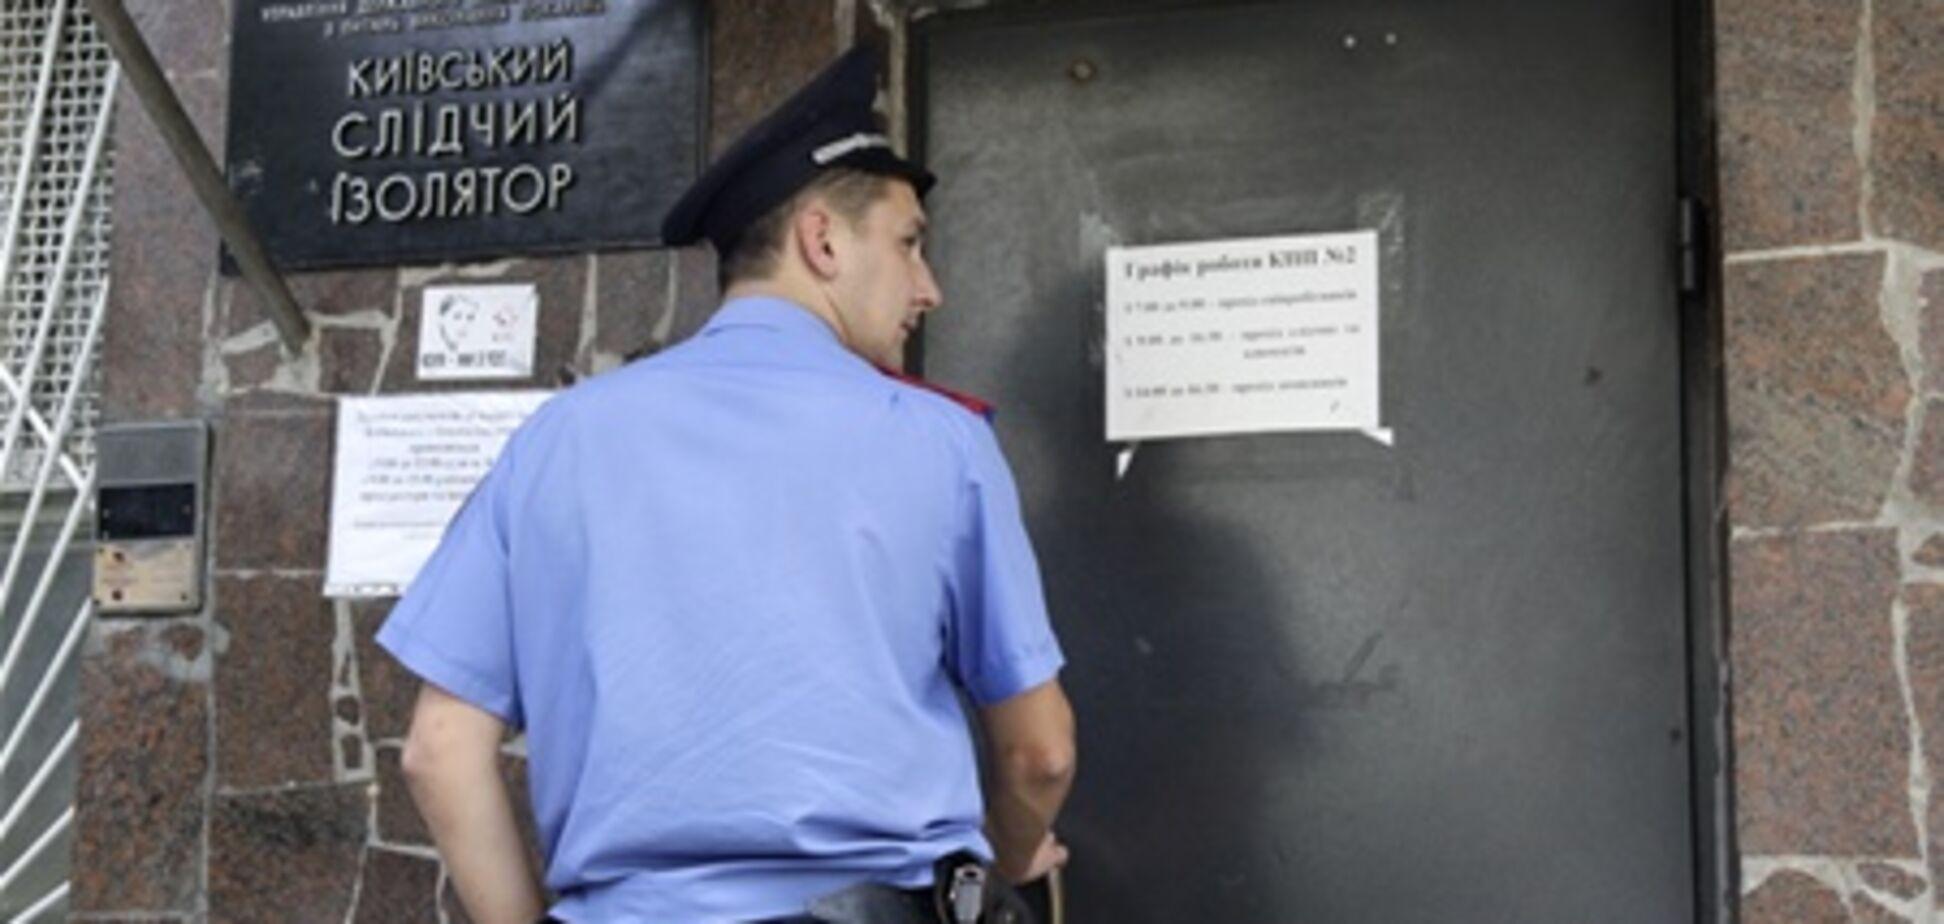 К заключенным Лукьяновского СИЗО теперь обращаются на 'Вы'